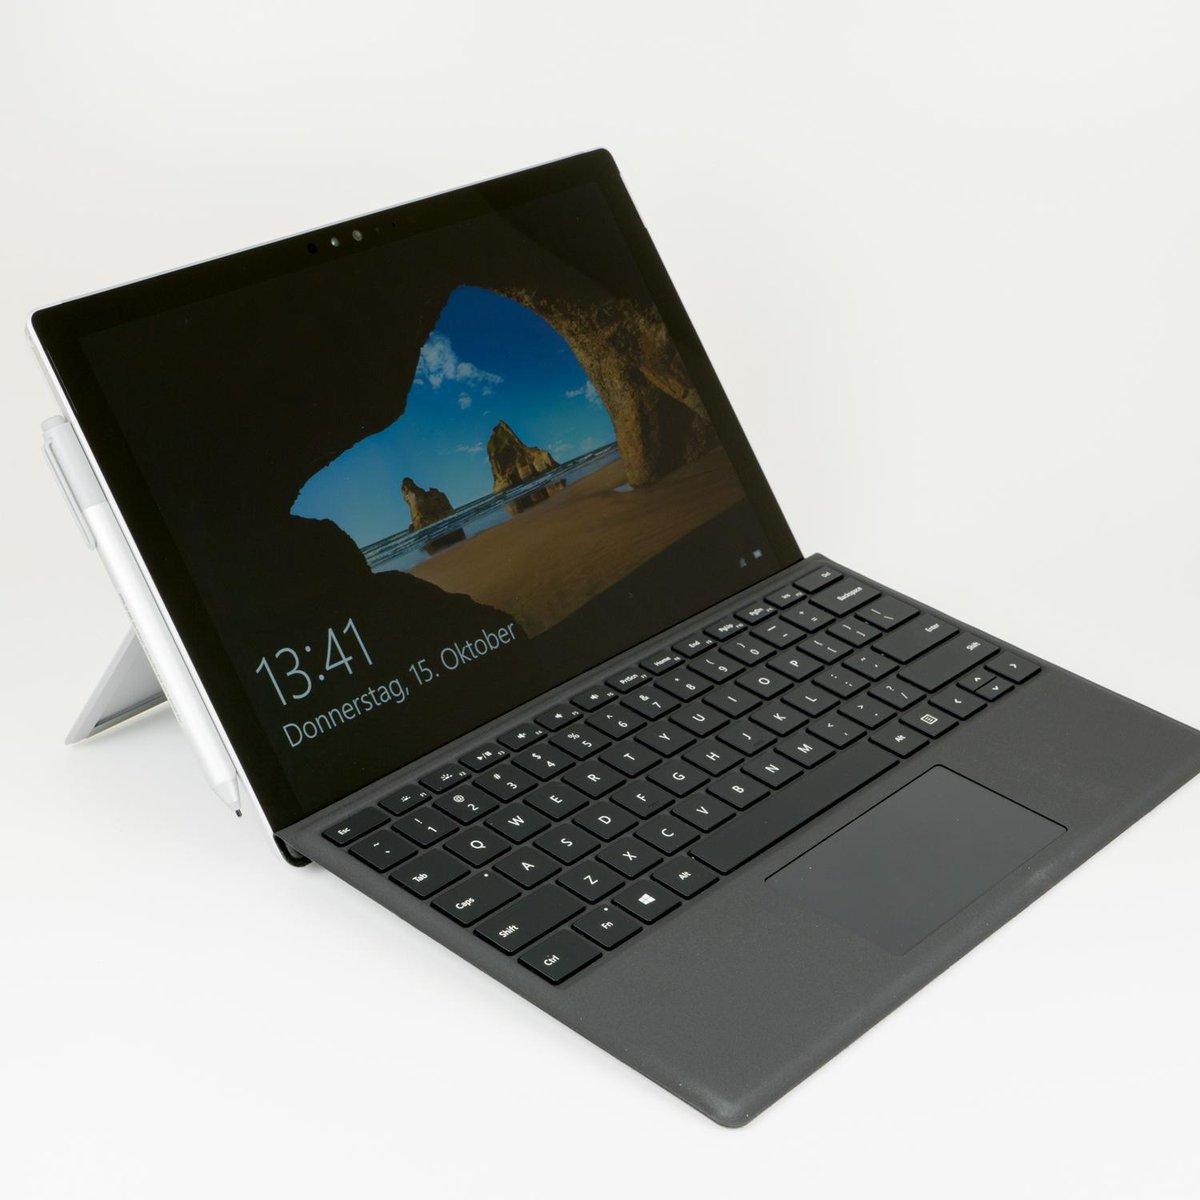 Das @MicrosoftDE Surface Pro 4 ist zum Kurztest eingetroffen - ein erster Eindruck.  http://t.co/2H4SdiSFFi http://t.co/GFwIjpte8p